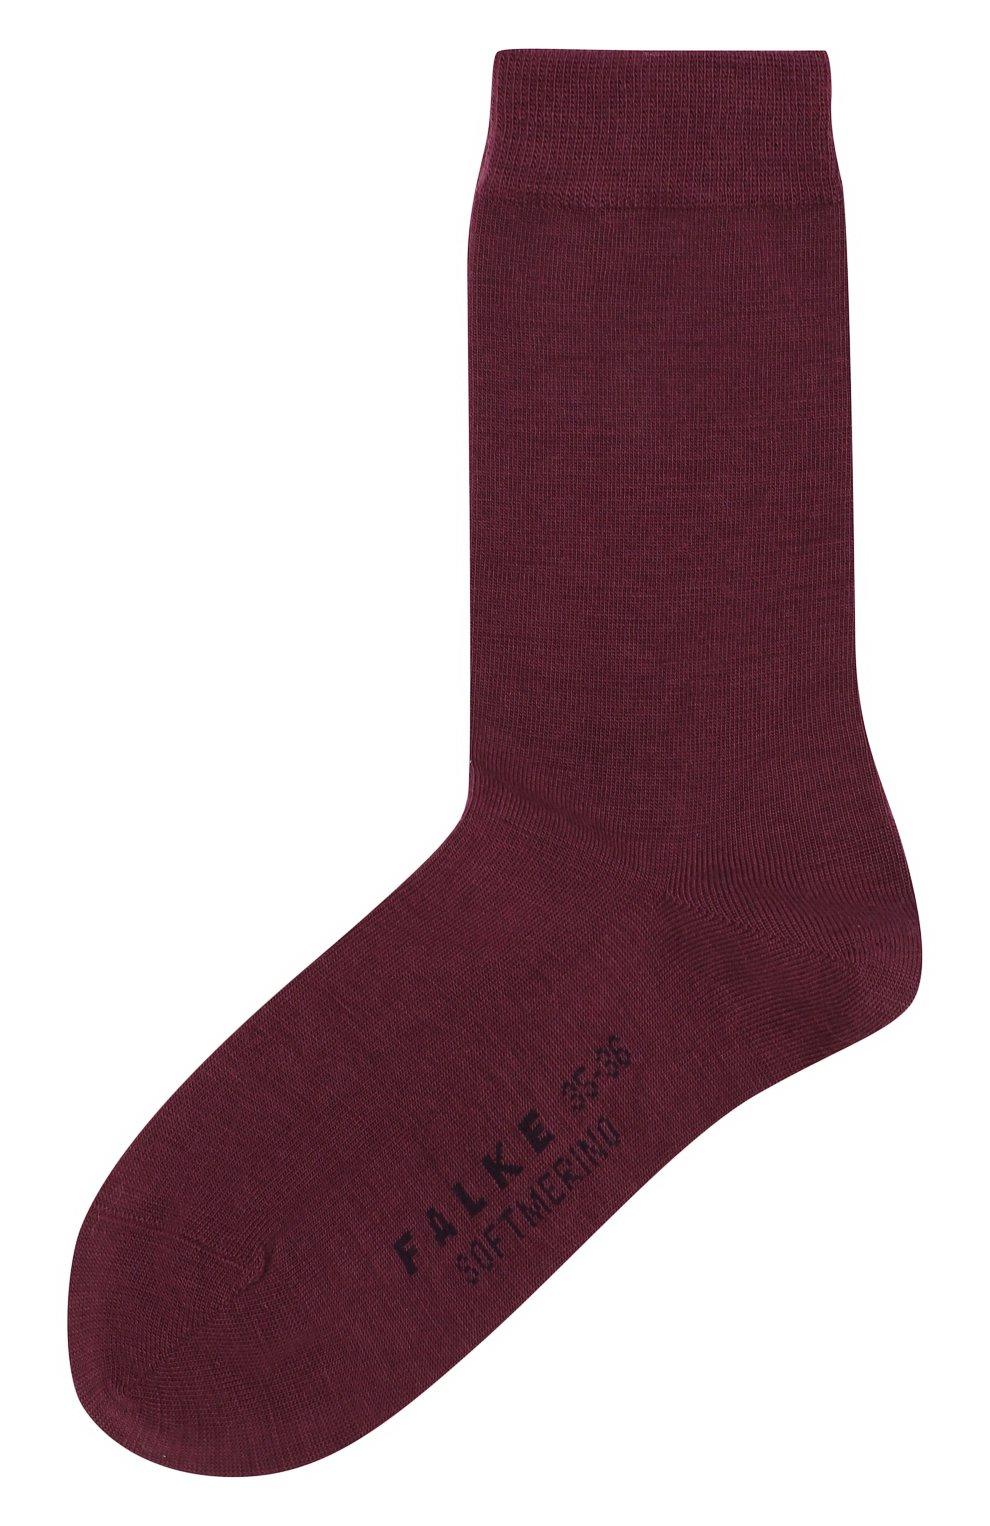 Женские носки softmerino из смеси шерсти и хлопка FALKE бордового цвета, арт. 47488_18_   Фото 1